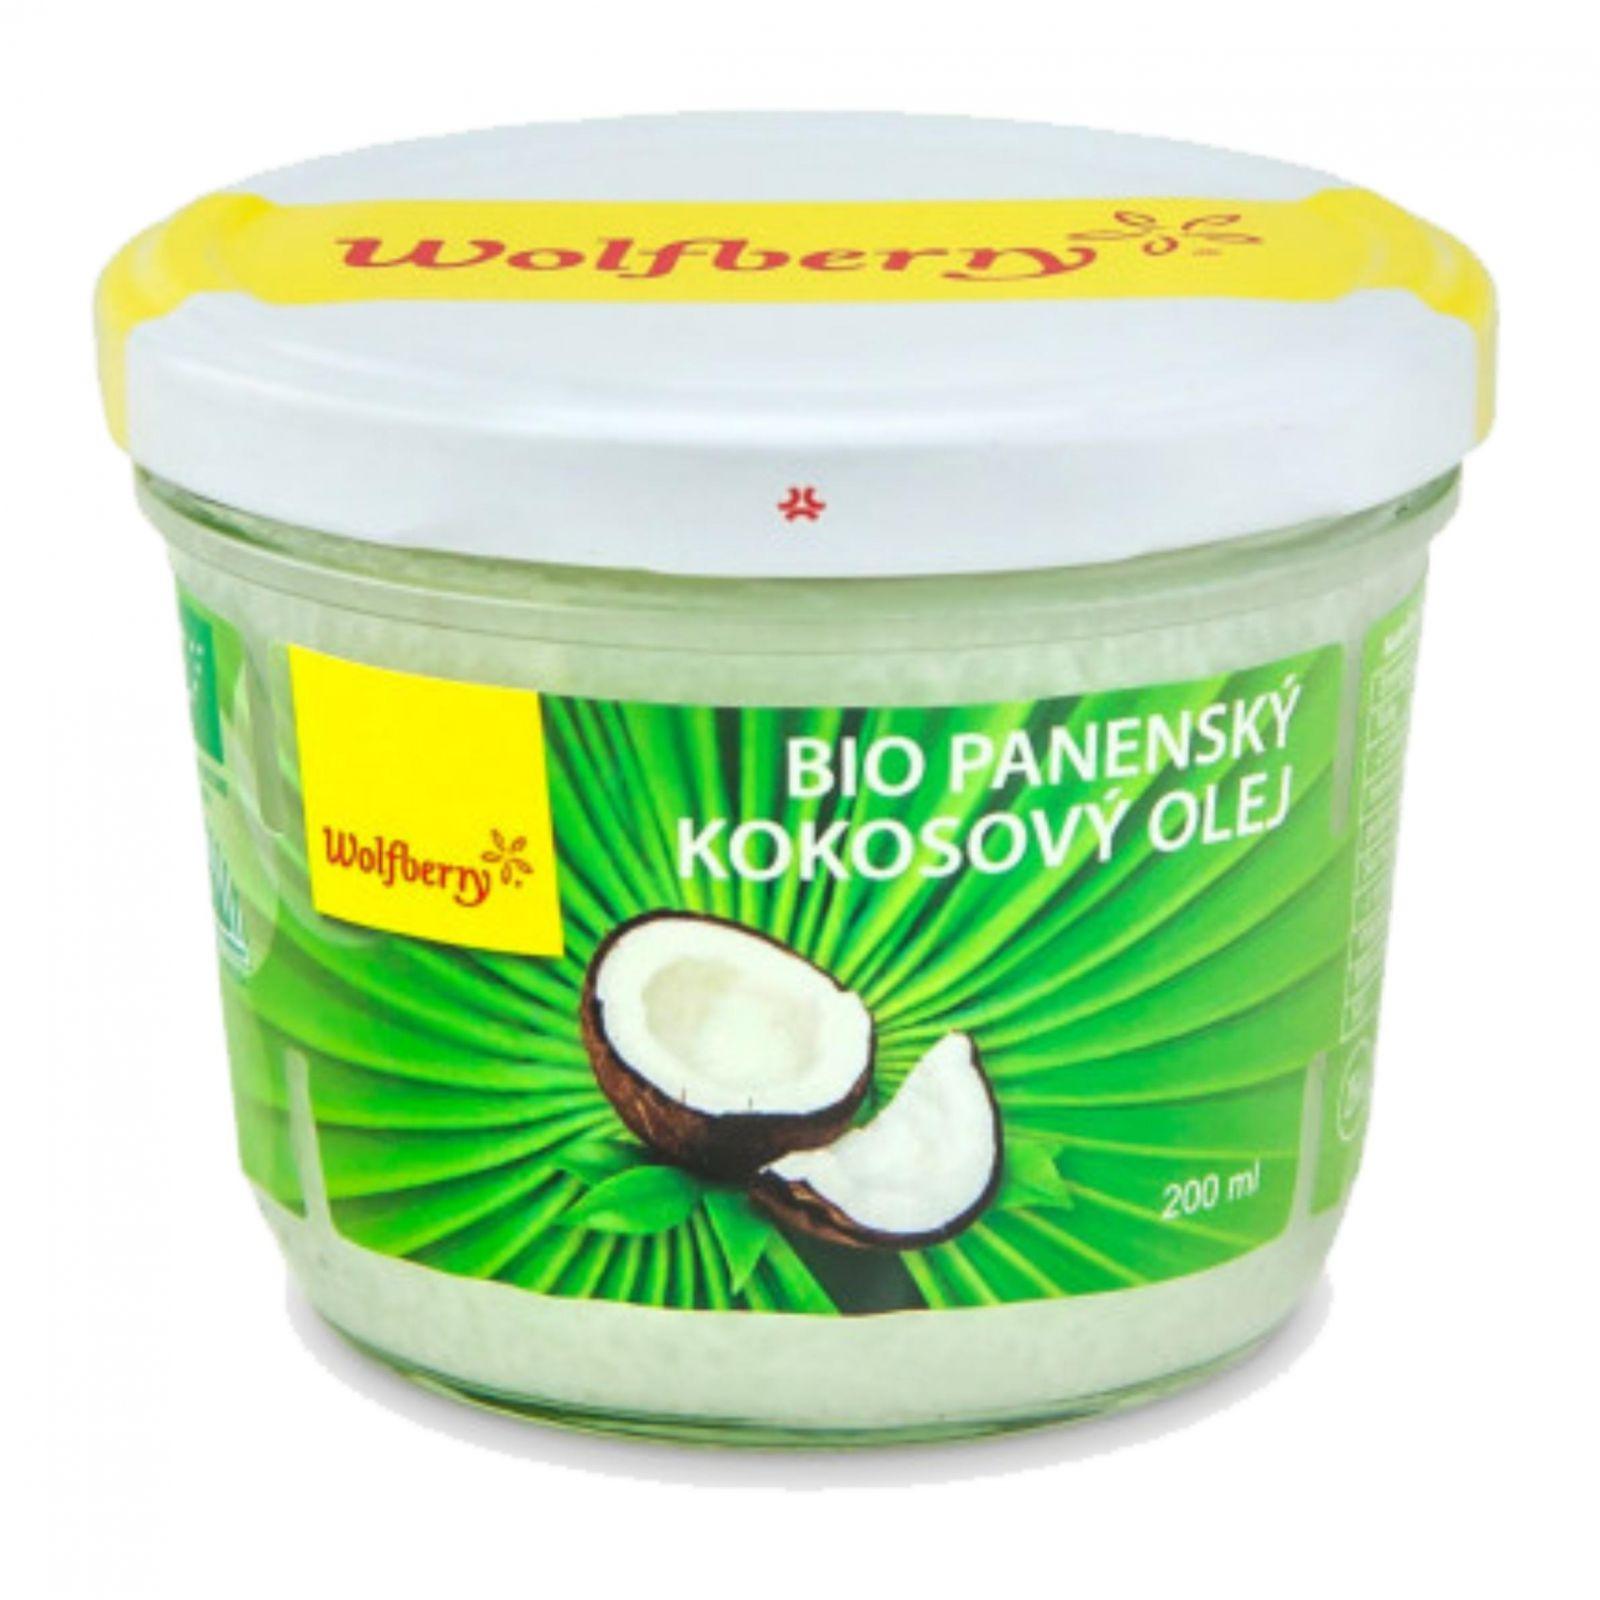 Wolfberry BIO Panenský kokosový olej 200 ml